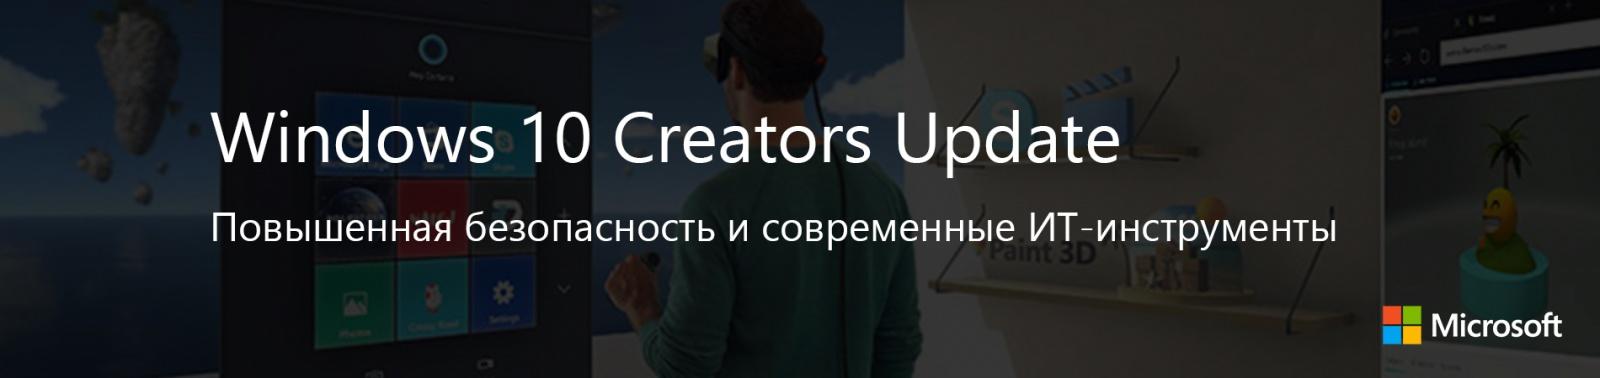 Windows 10 Creators Update: Повышенная безопасность и современные ИТ-инструменты - 1